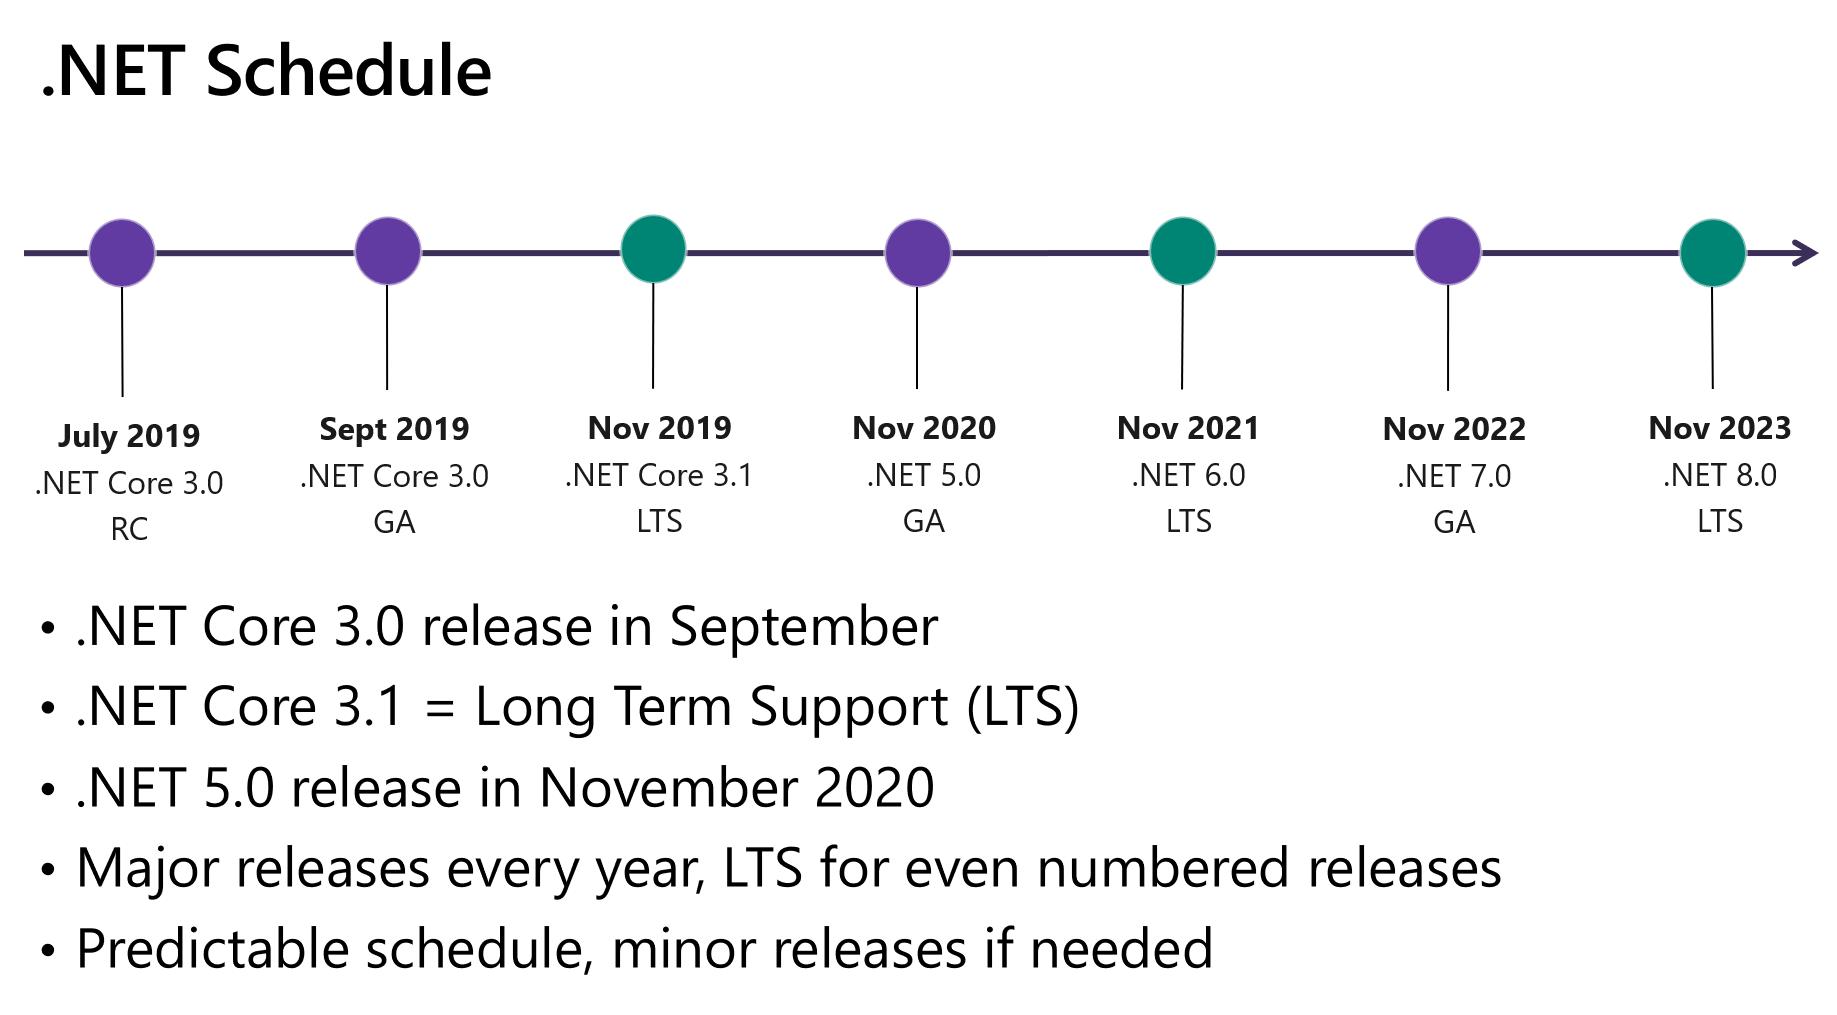 未来两年.NET更新和发布计划